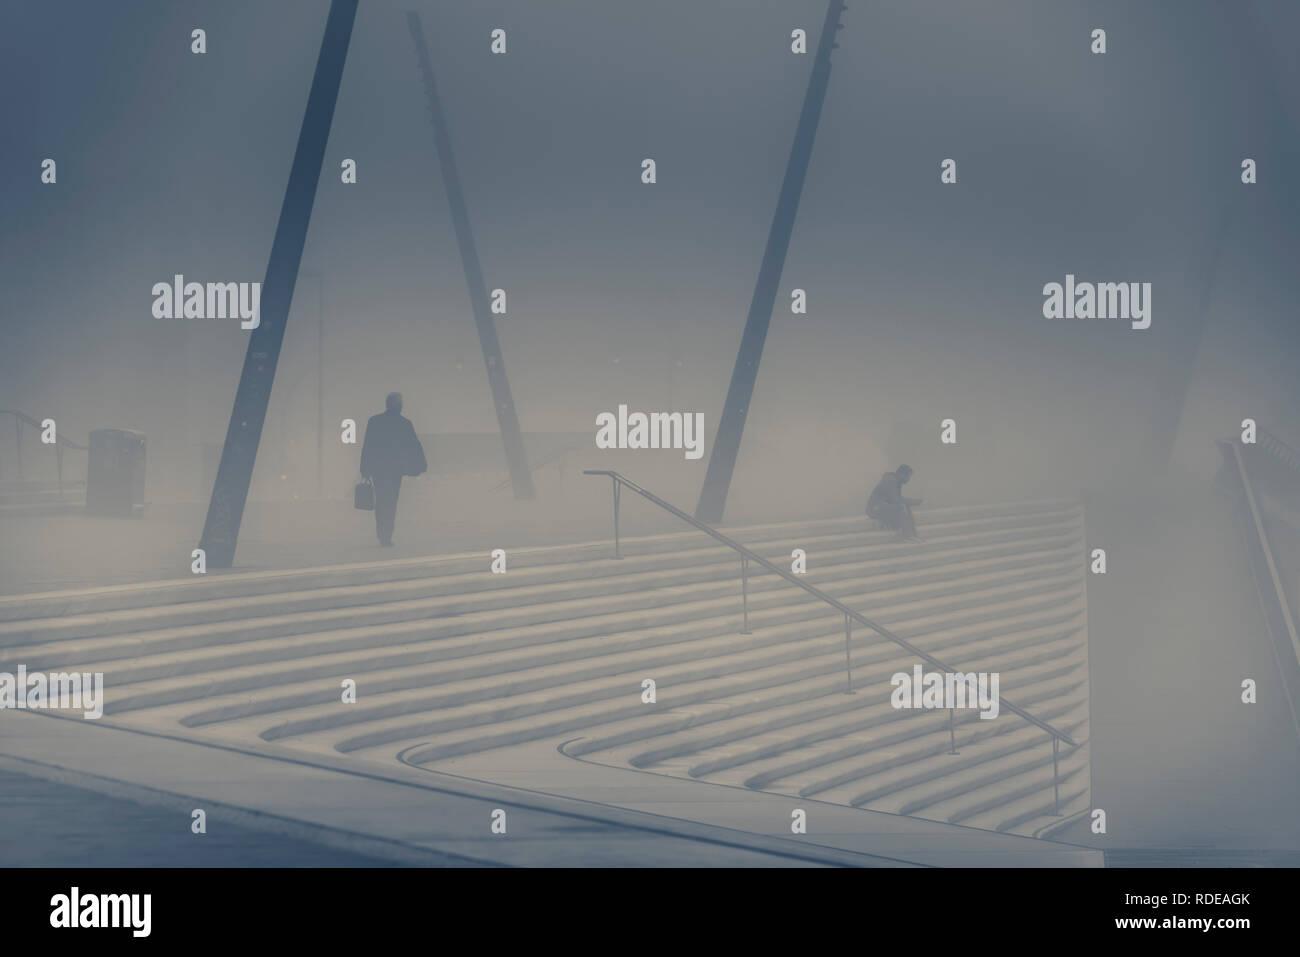 Deutschland, Hamburg, Elbe, Hafen, St. Pauli, Promenade, Landungsbrücken - Stock Image